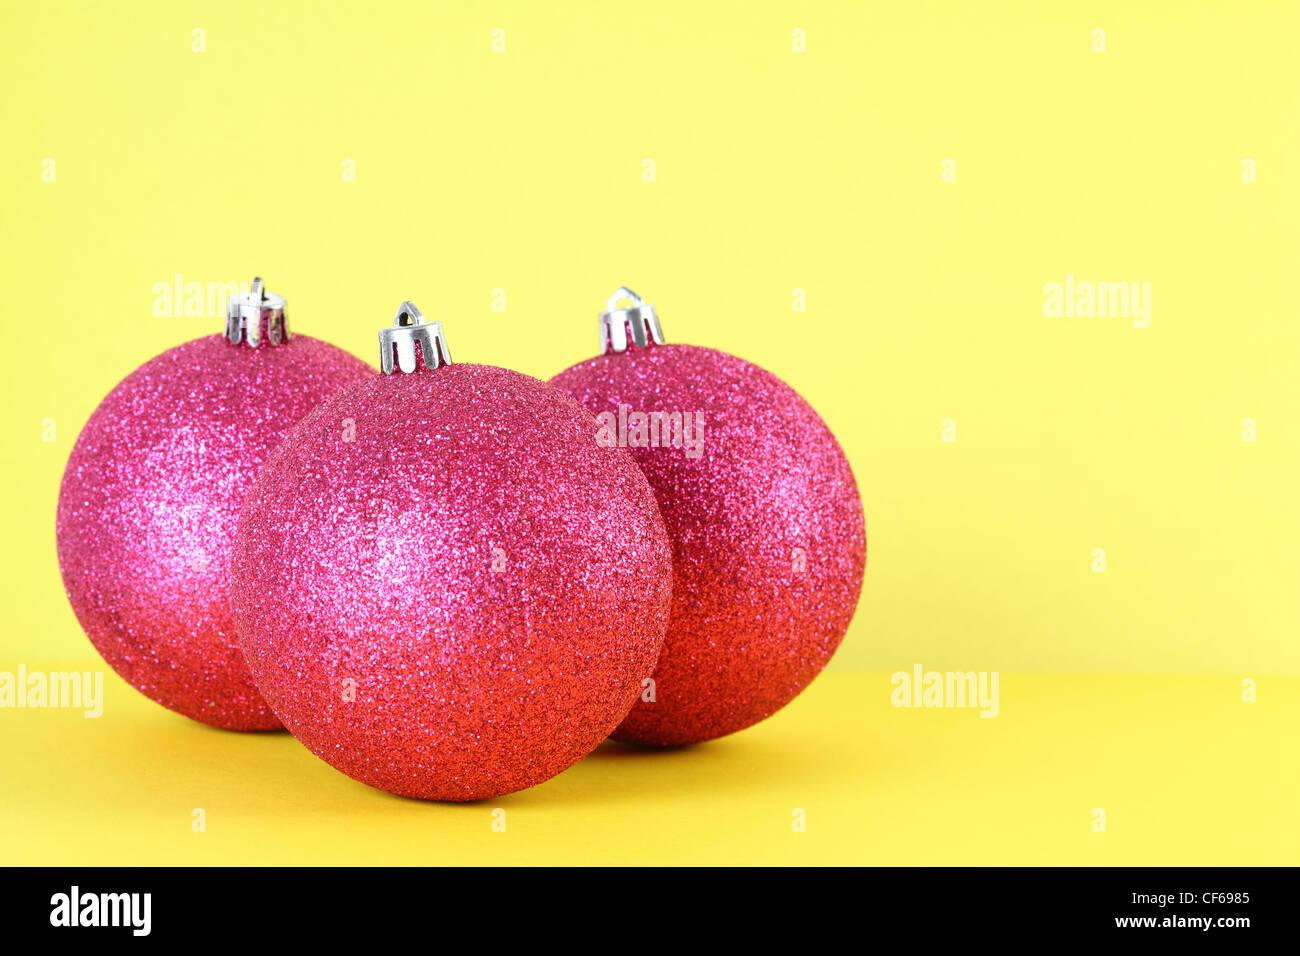 Christbaumkugeln Gelb.Drei Rote Christbaumkugeln Isoliert Auf Gelb Fokus Auf Vorderen